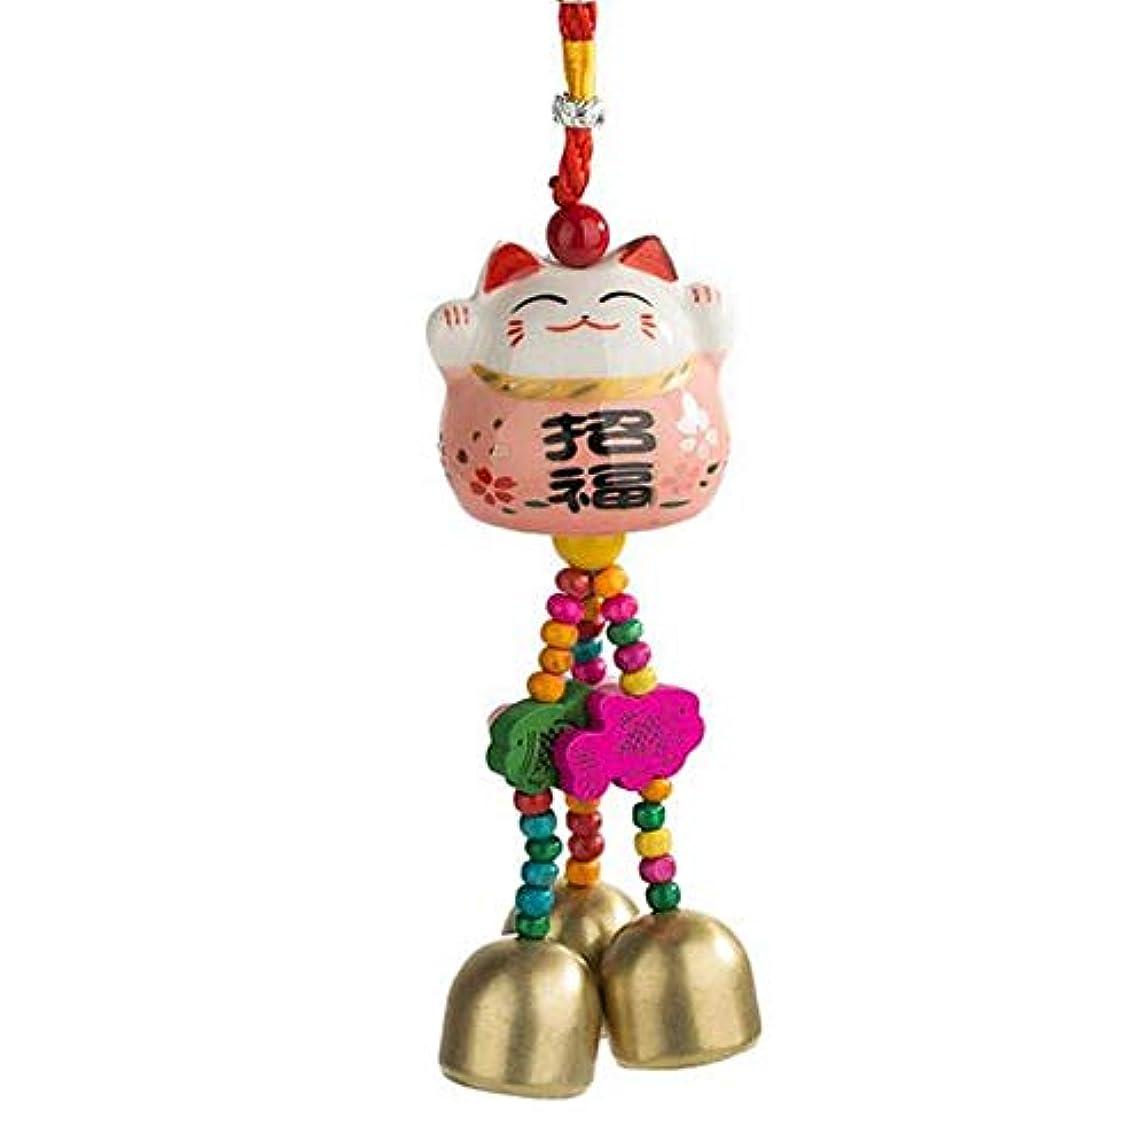 どっちでも怠惰反射Hongyushanghang 風チャイム、かわいいクリエイティブセラミック猫風の鐘、オレンジ、ロング28センチメートル,、ジュエリークリエイティブホリデーギフトを掛ける (Color : Pink)